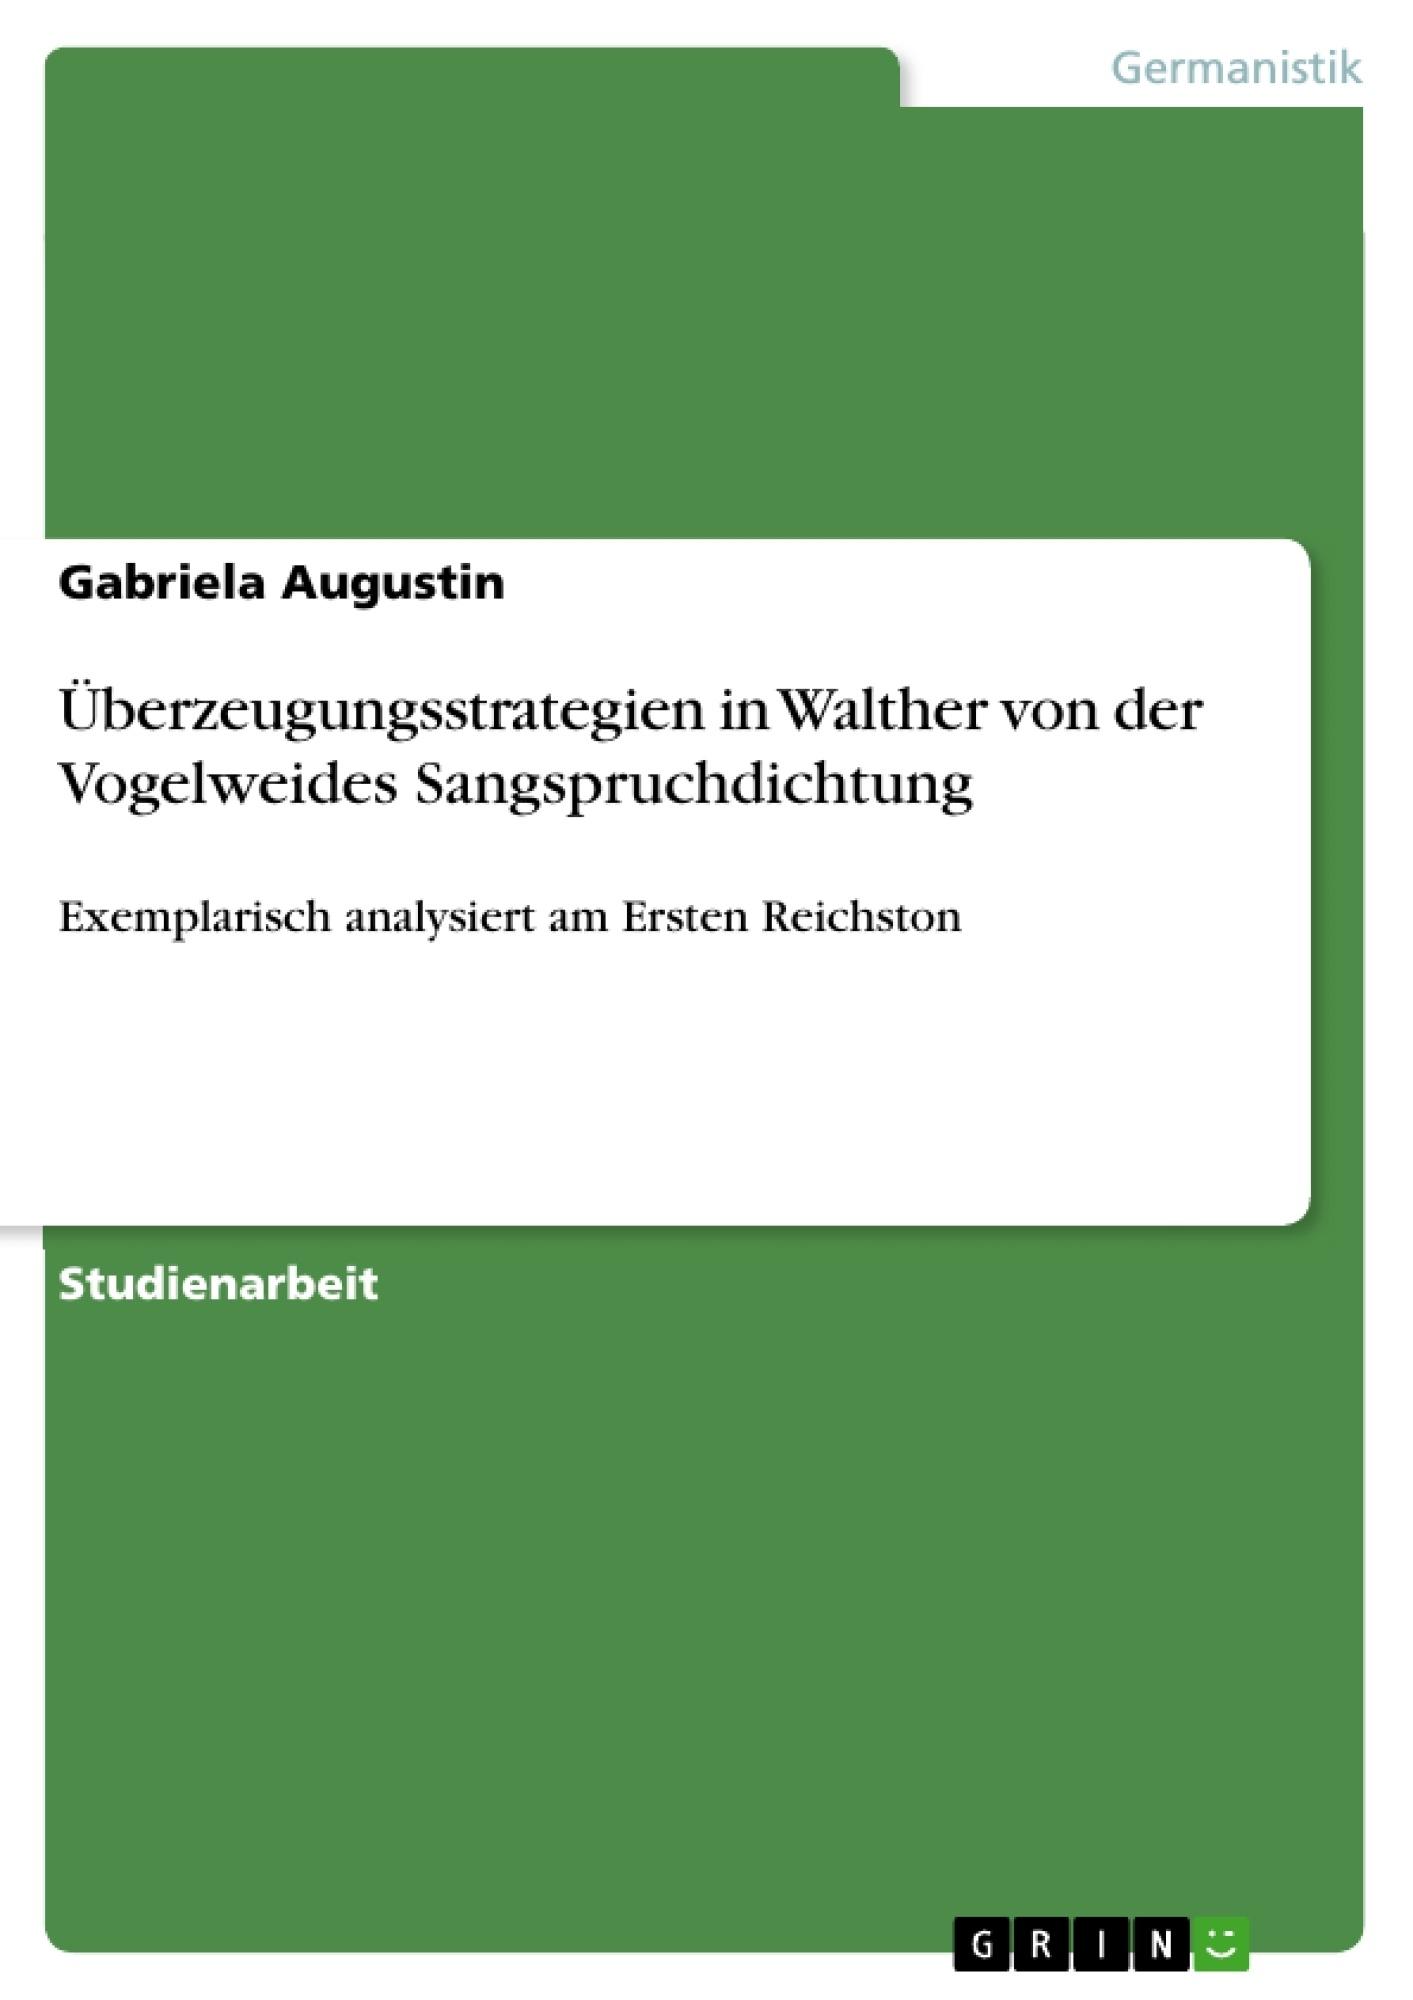 Titel: Überzeugungsstrategien in Walther von der Vogelweides Sangspruchdichtung